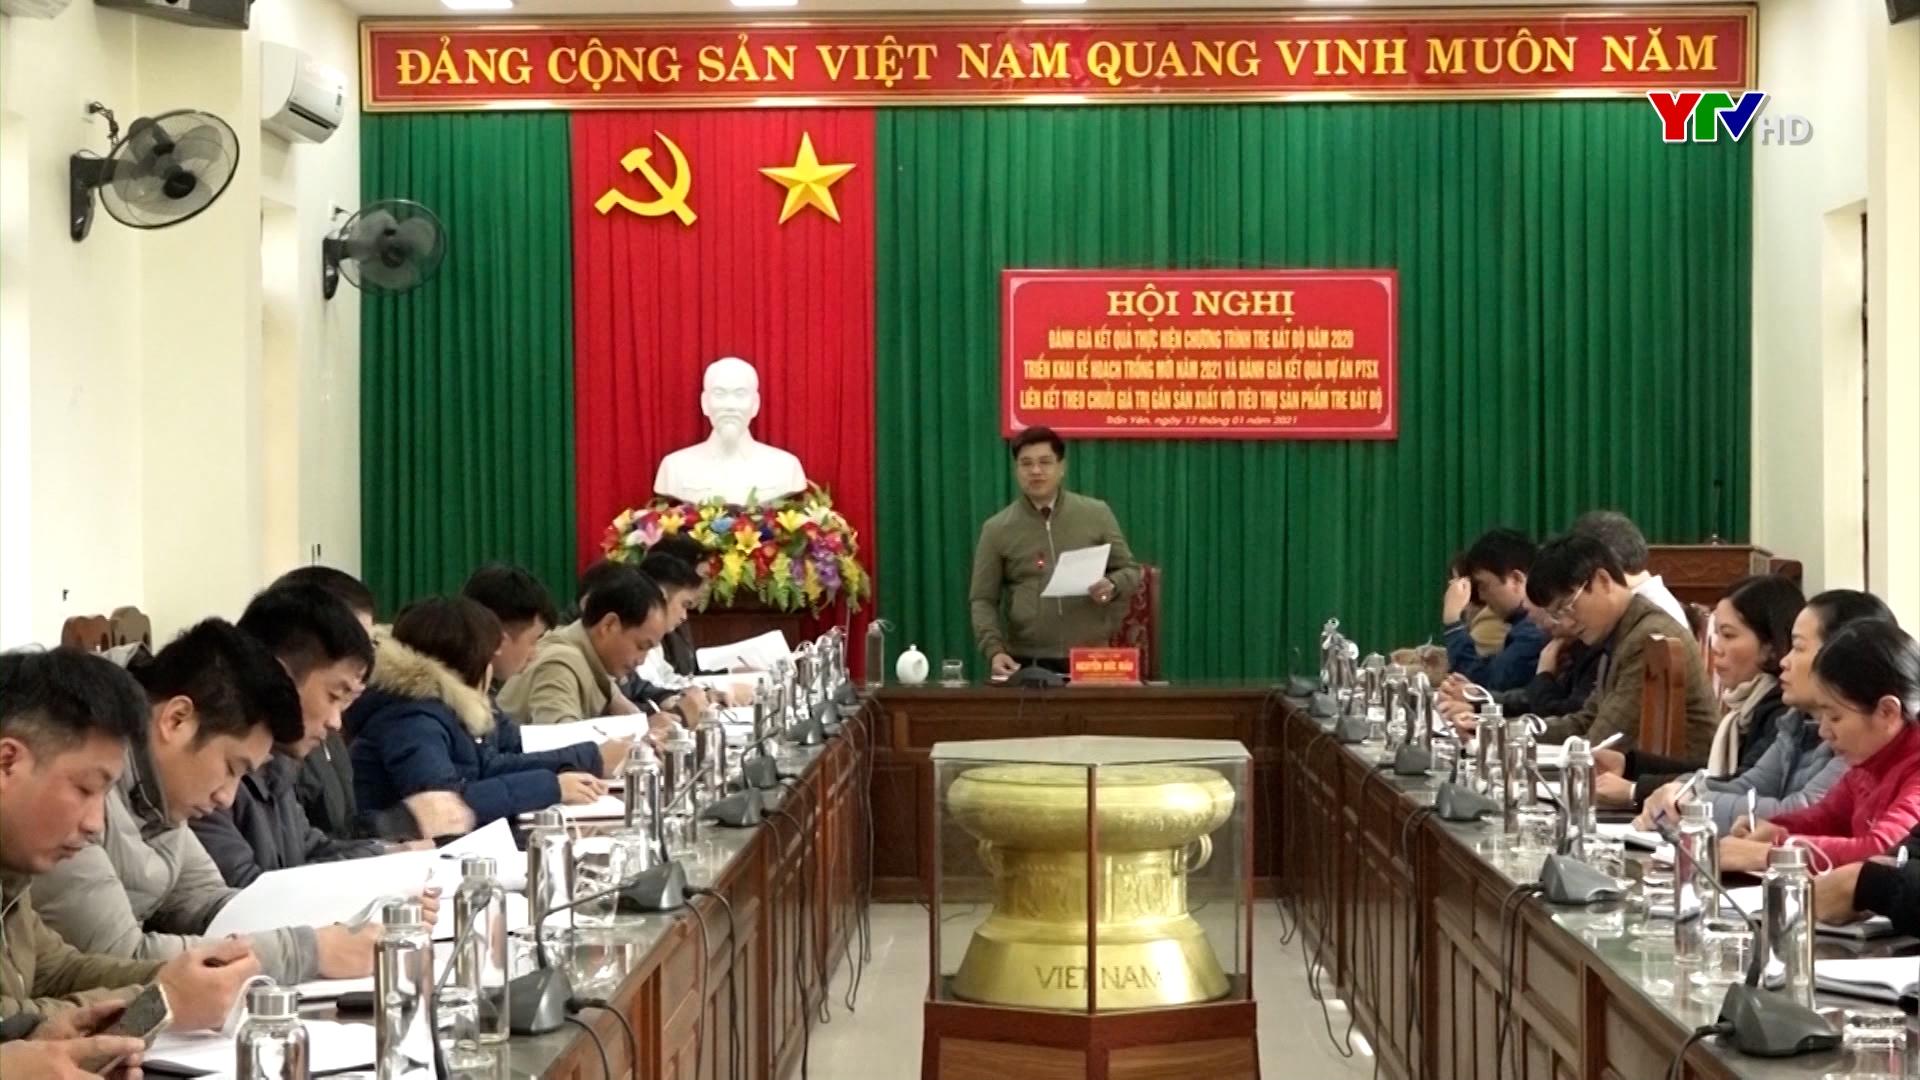 Huyện Trấn Yên triển khai chương trình tre măng Bát độ năm 2021